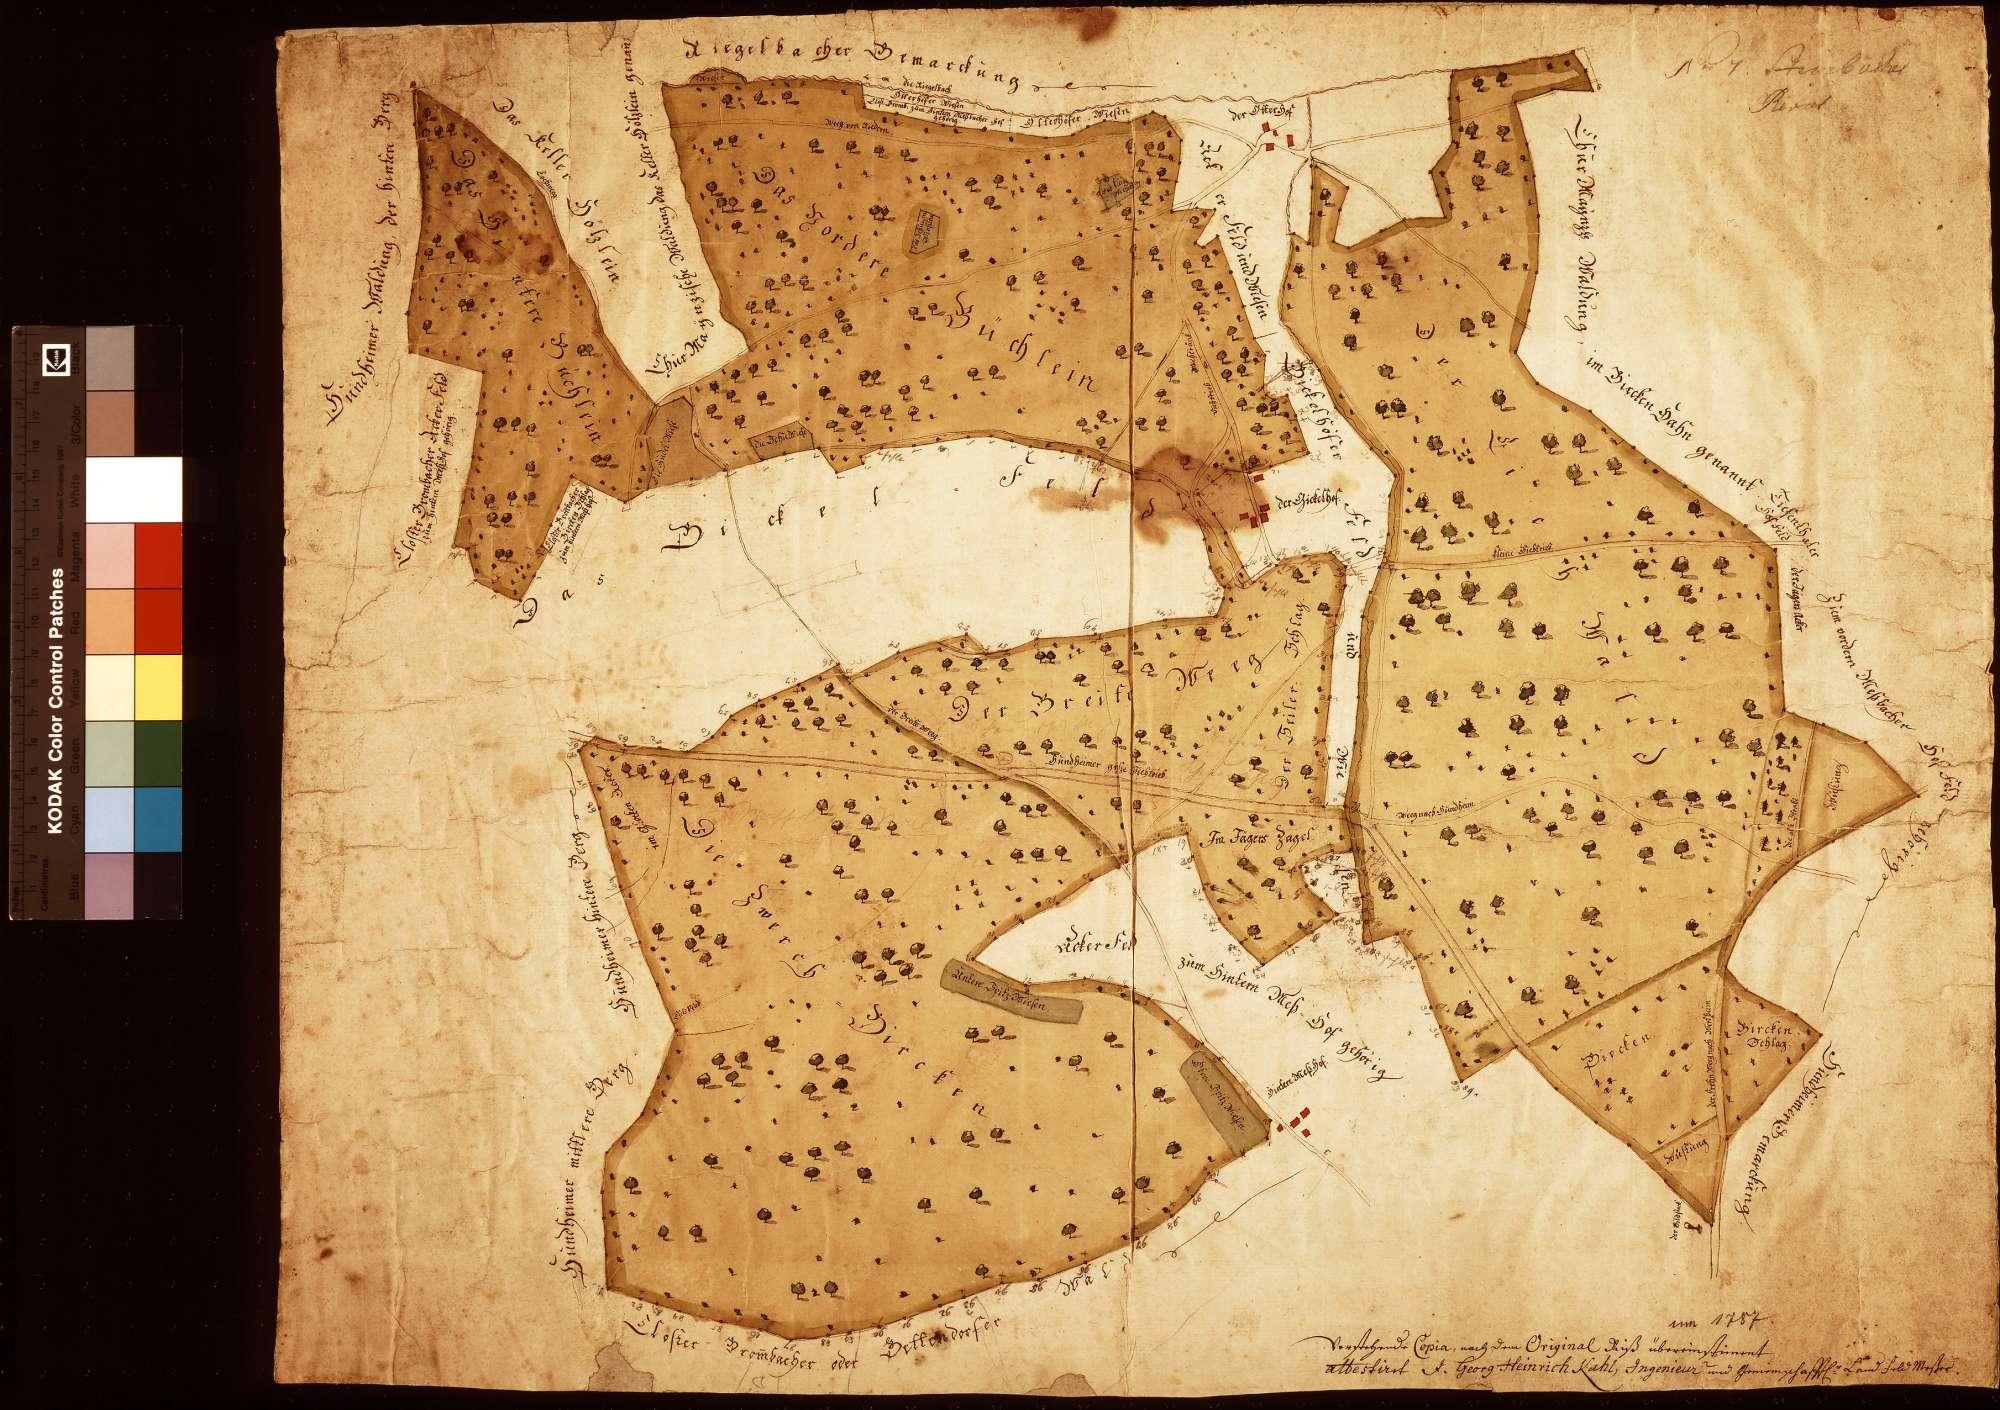 [Hintere Waldung des Steinbacher Forsts] (Inselkarte), Bild 1